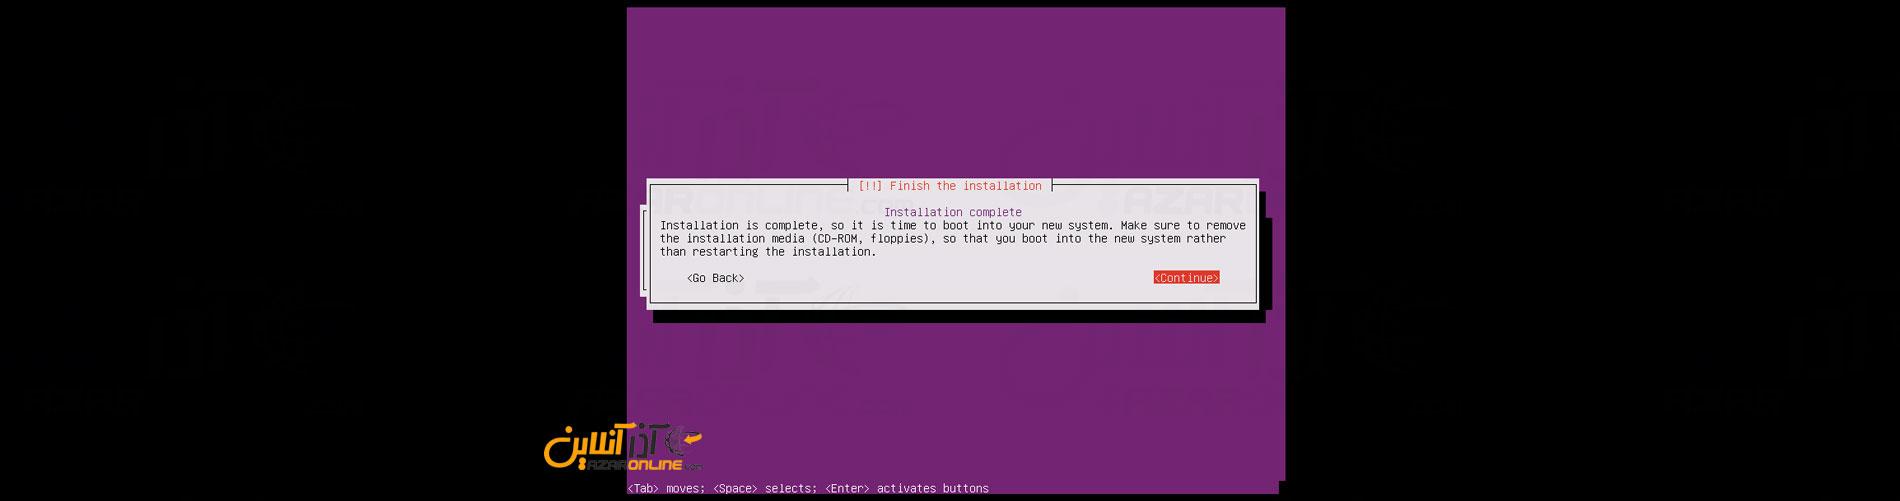 پایان نصب ابونتو 17 بر روی vmware